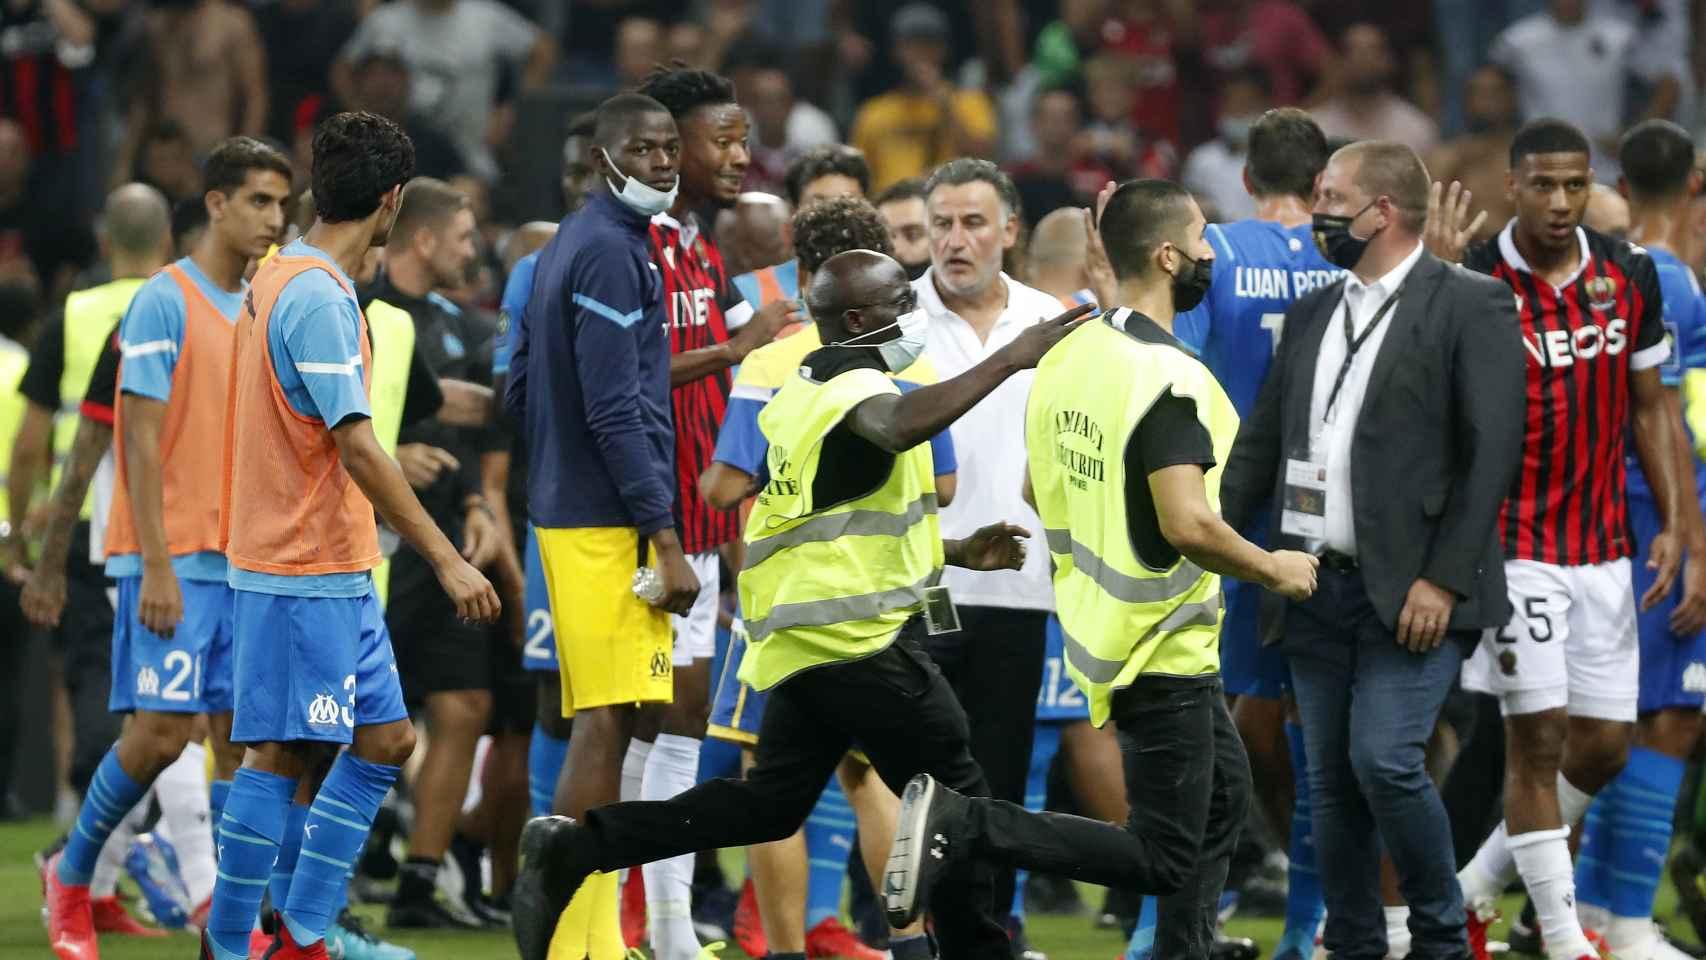 Los ultras del Niza intentan agredir a la plantilla del Marsella